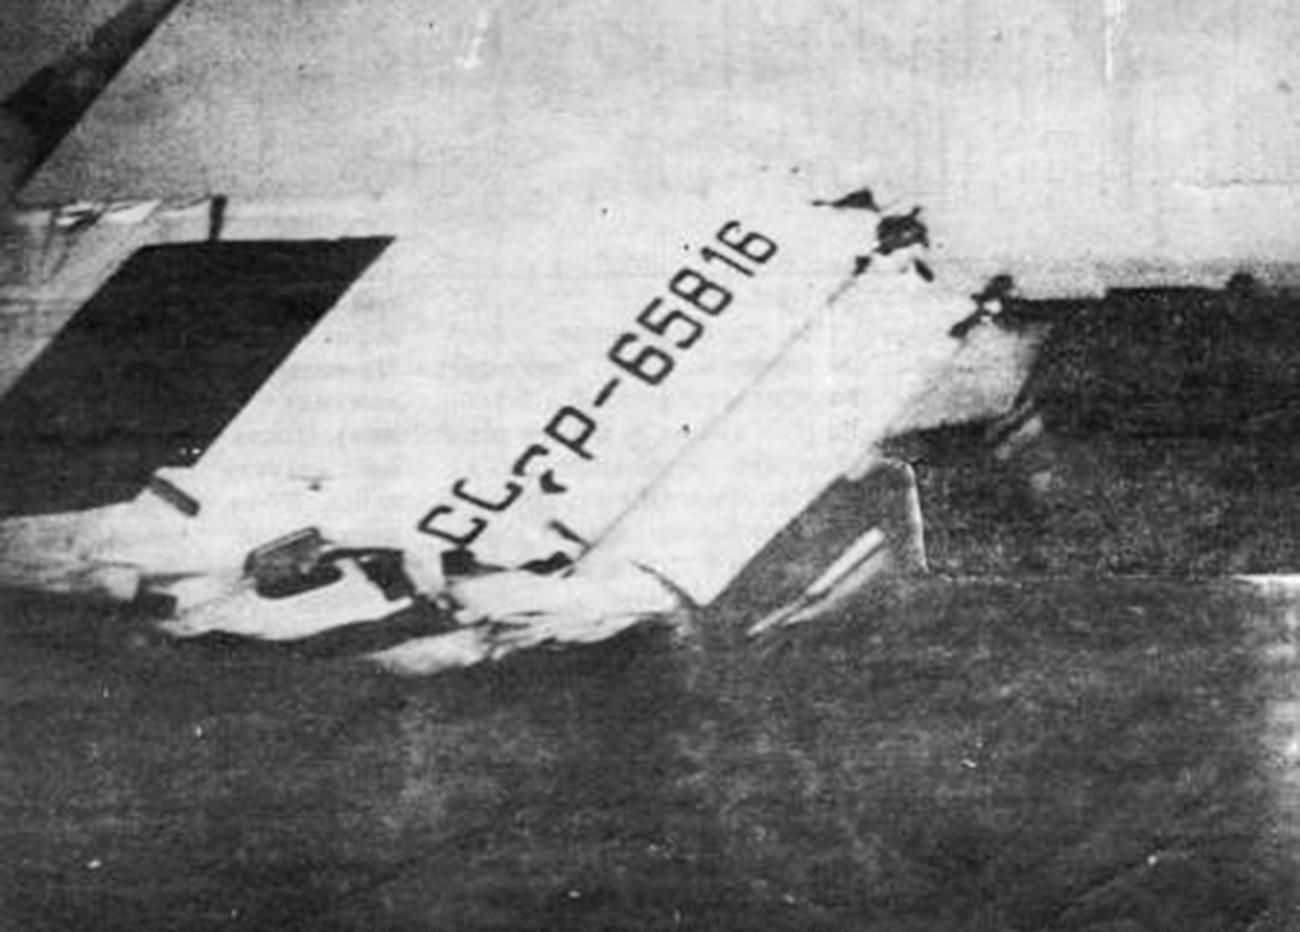 Судар авиона Ту-134 изнад Дњепродзержинска, репни део једног авиона.